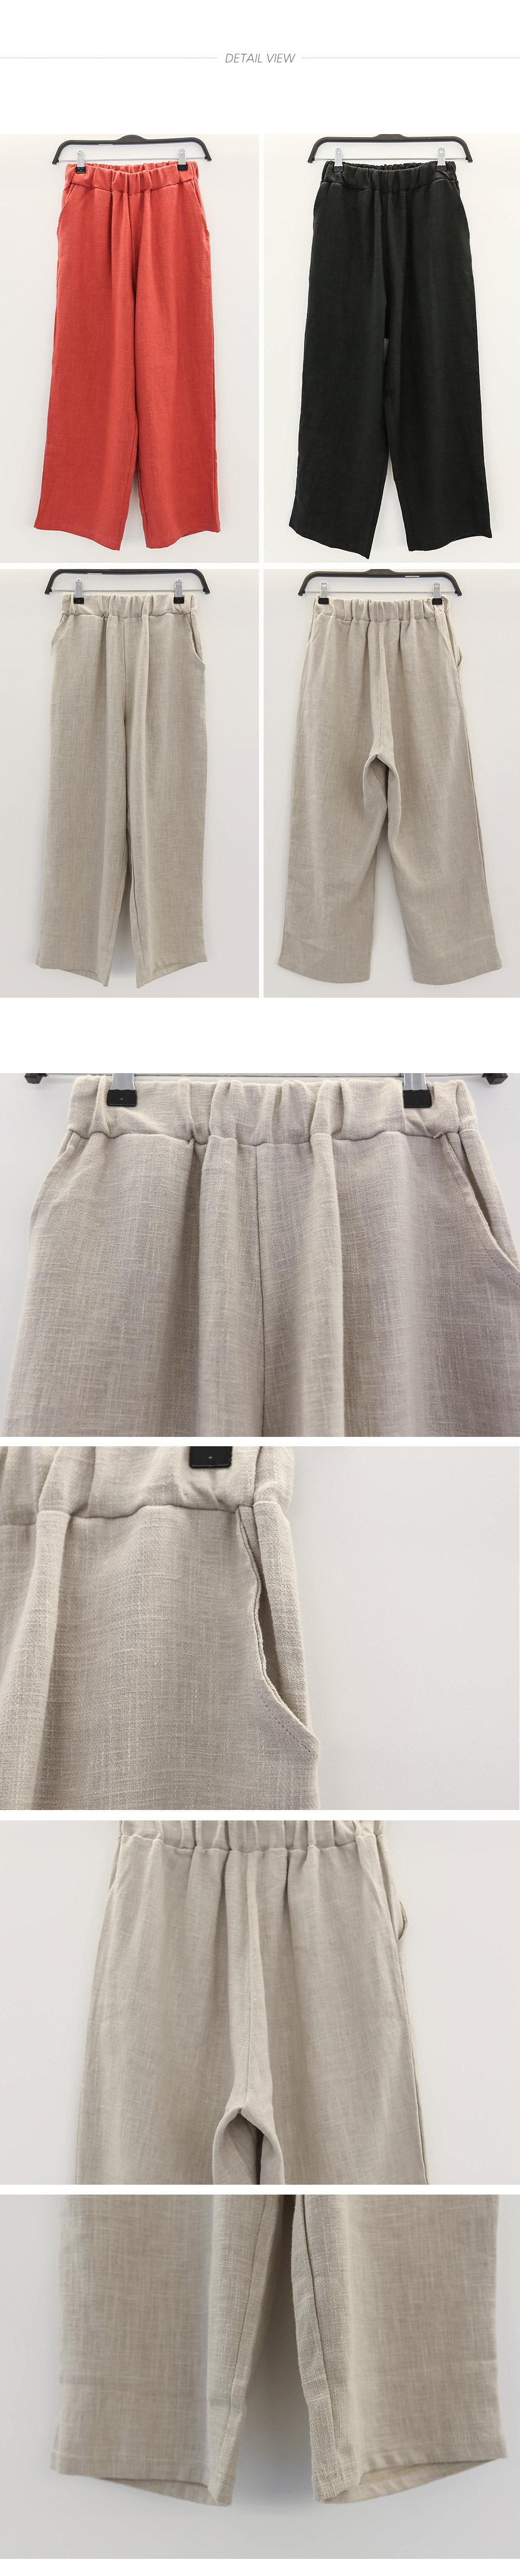 Linen Basic Daily Bending Pants _pt02566